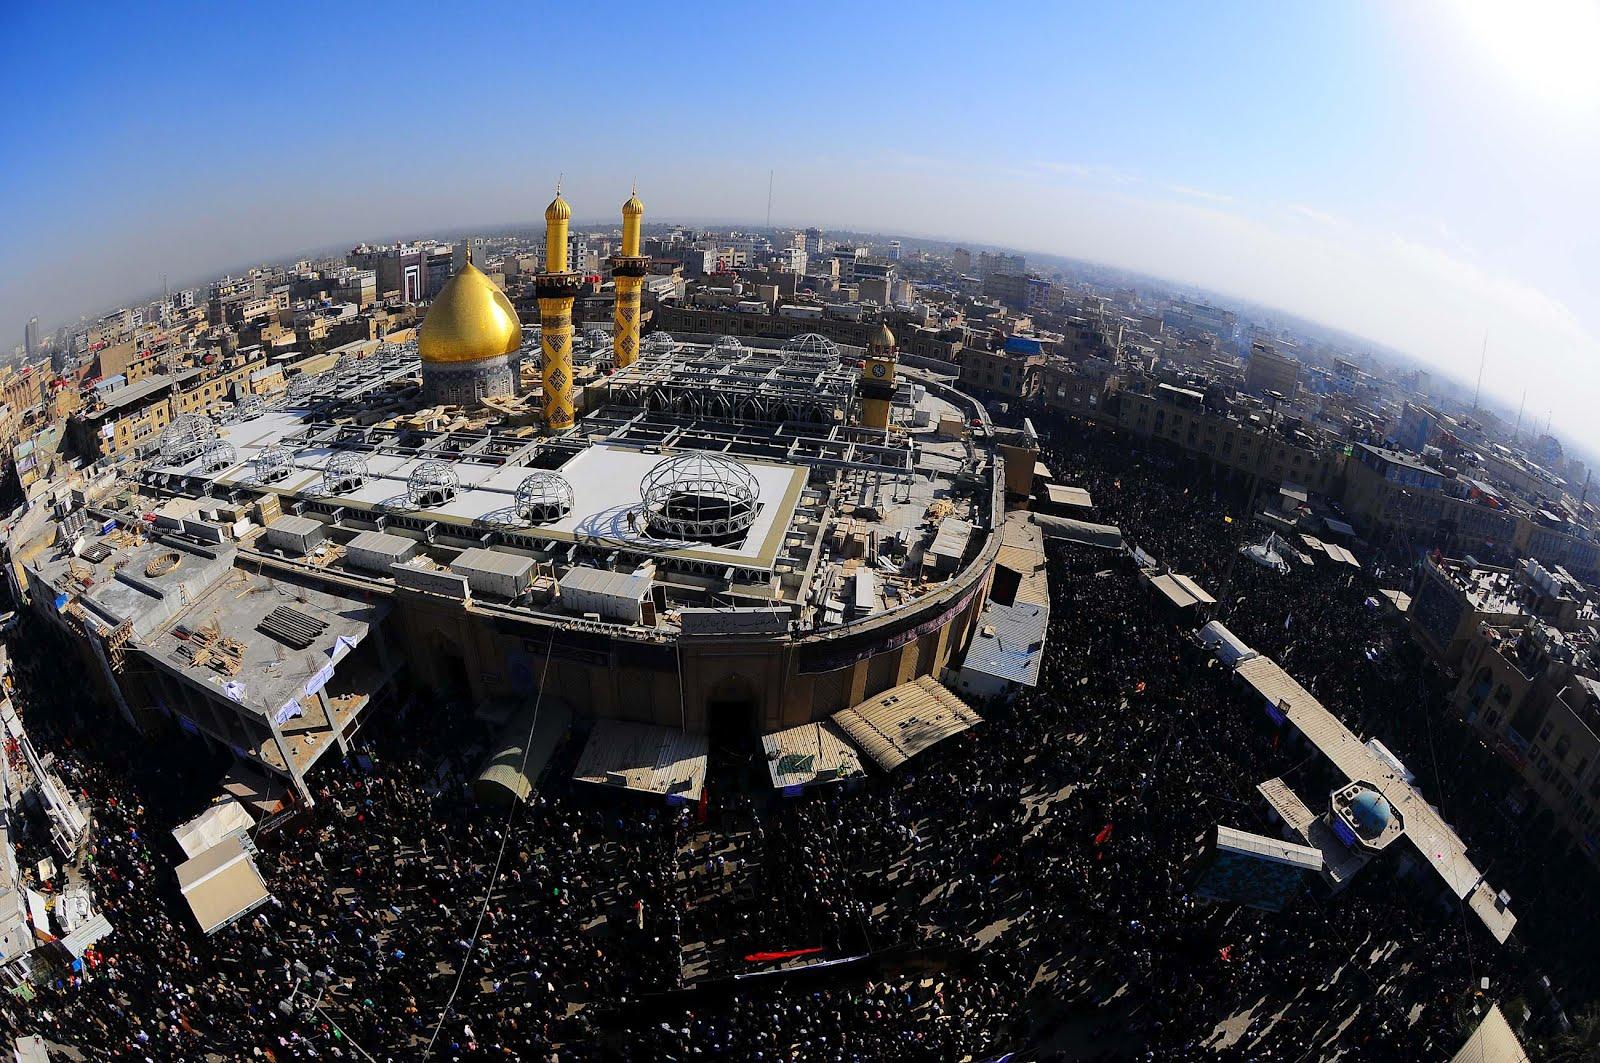 بازتاب جهانی اربعین و توصیف آن به بزرگترین تجمع دینی جهان!